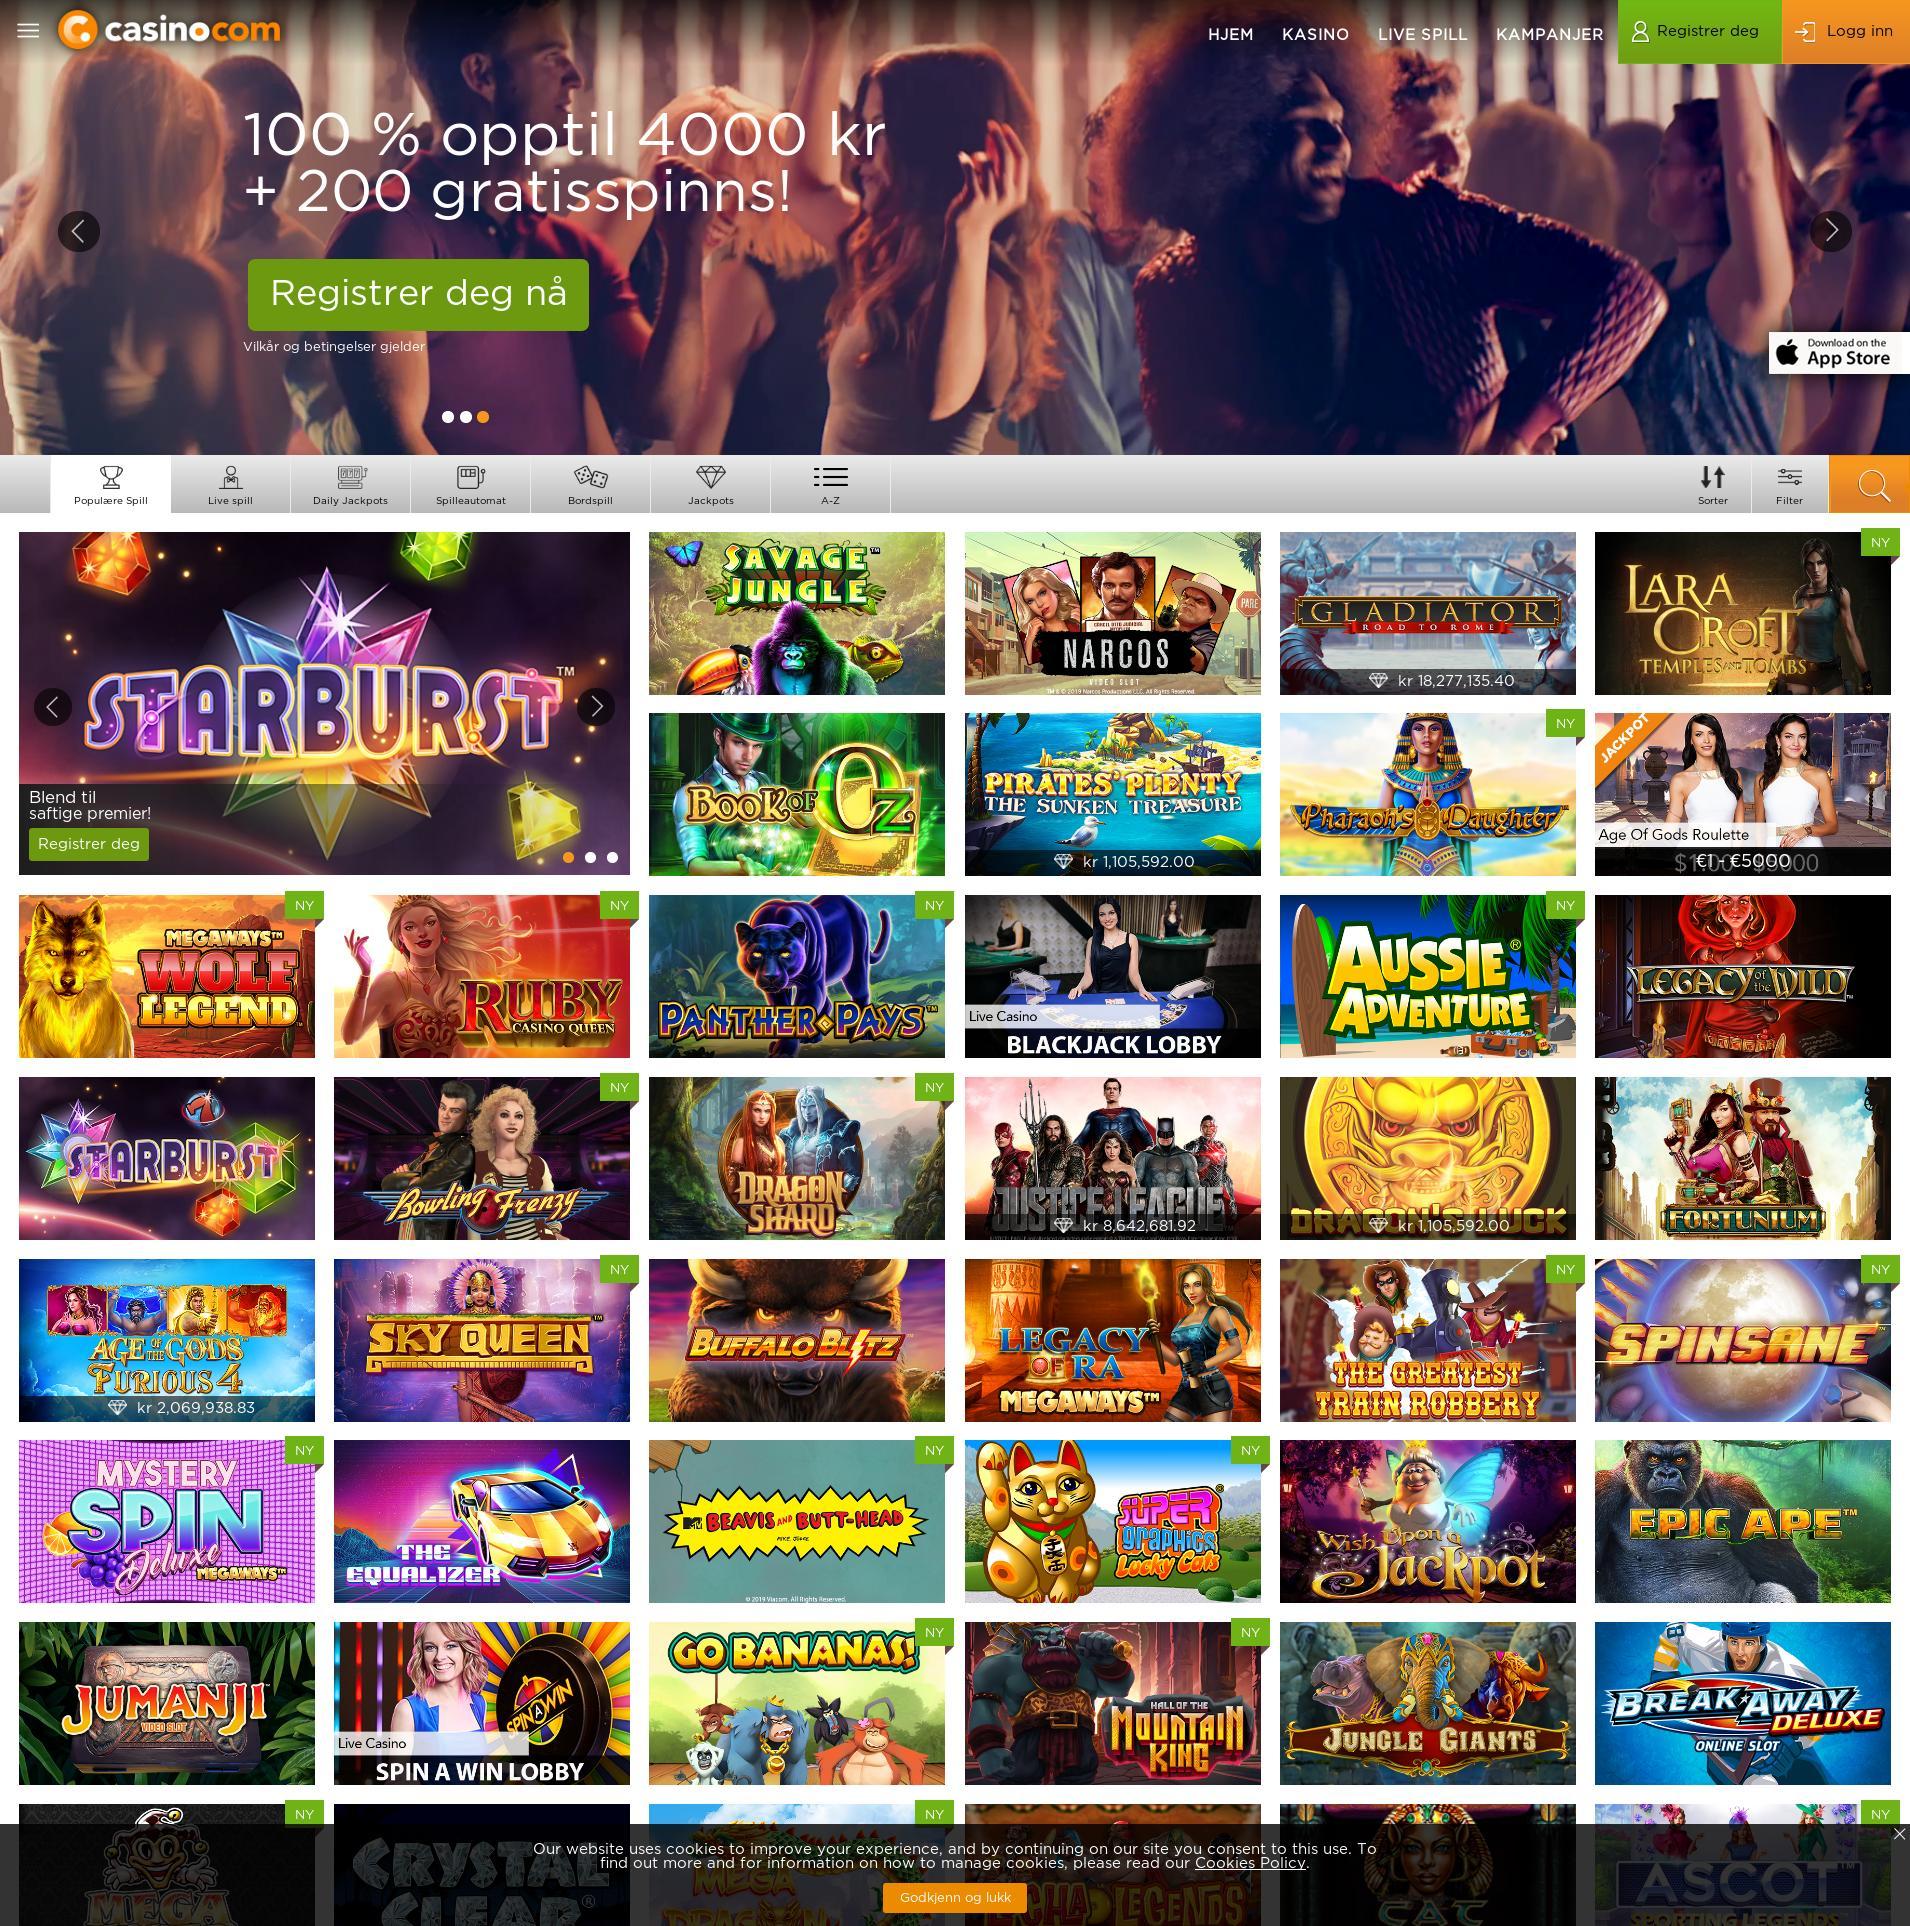 Casino skærm Lobby 2019-06-19 til Danmark